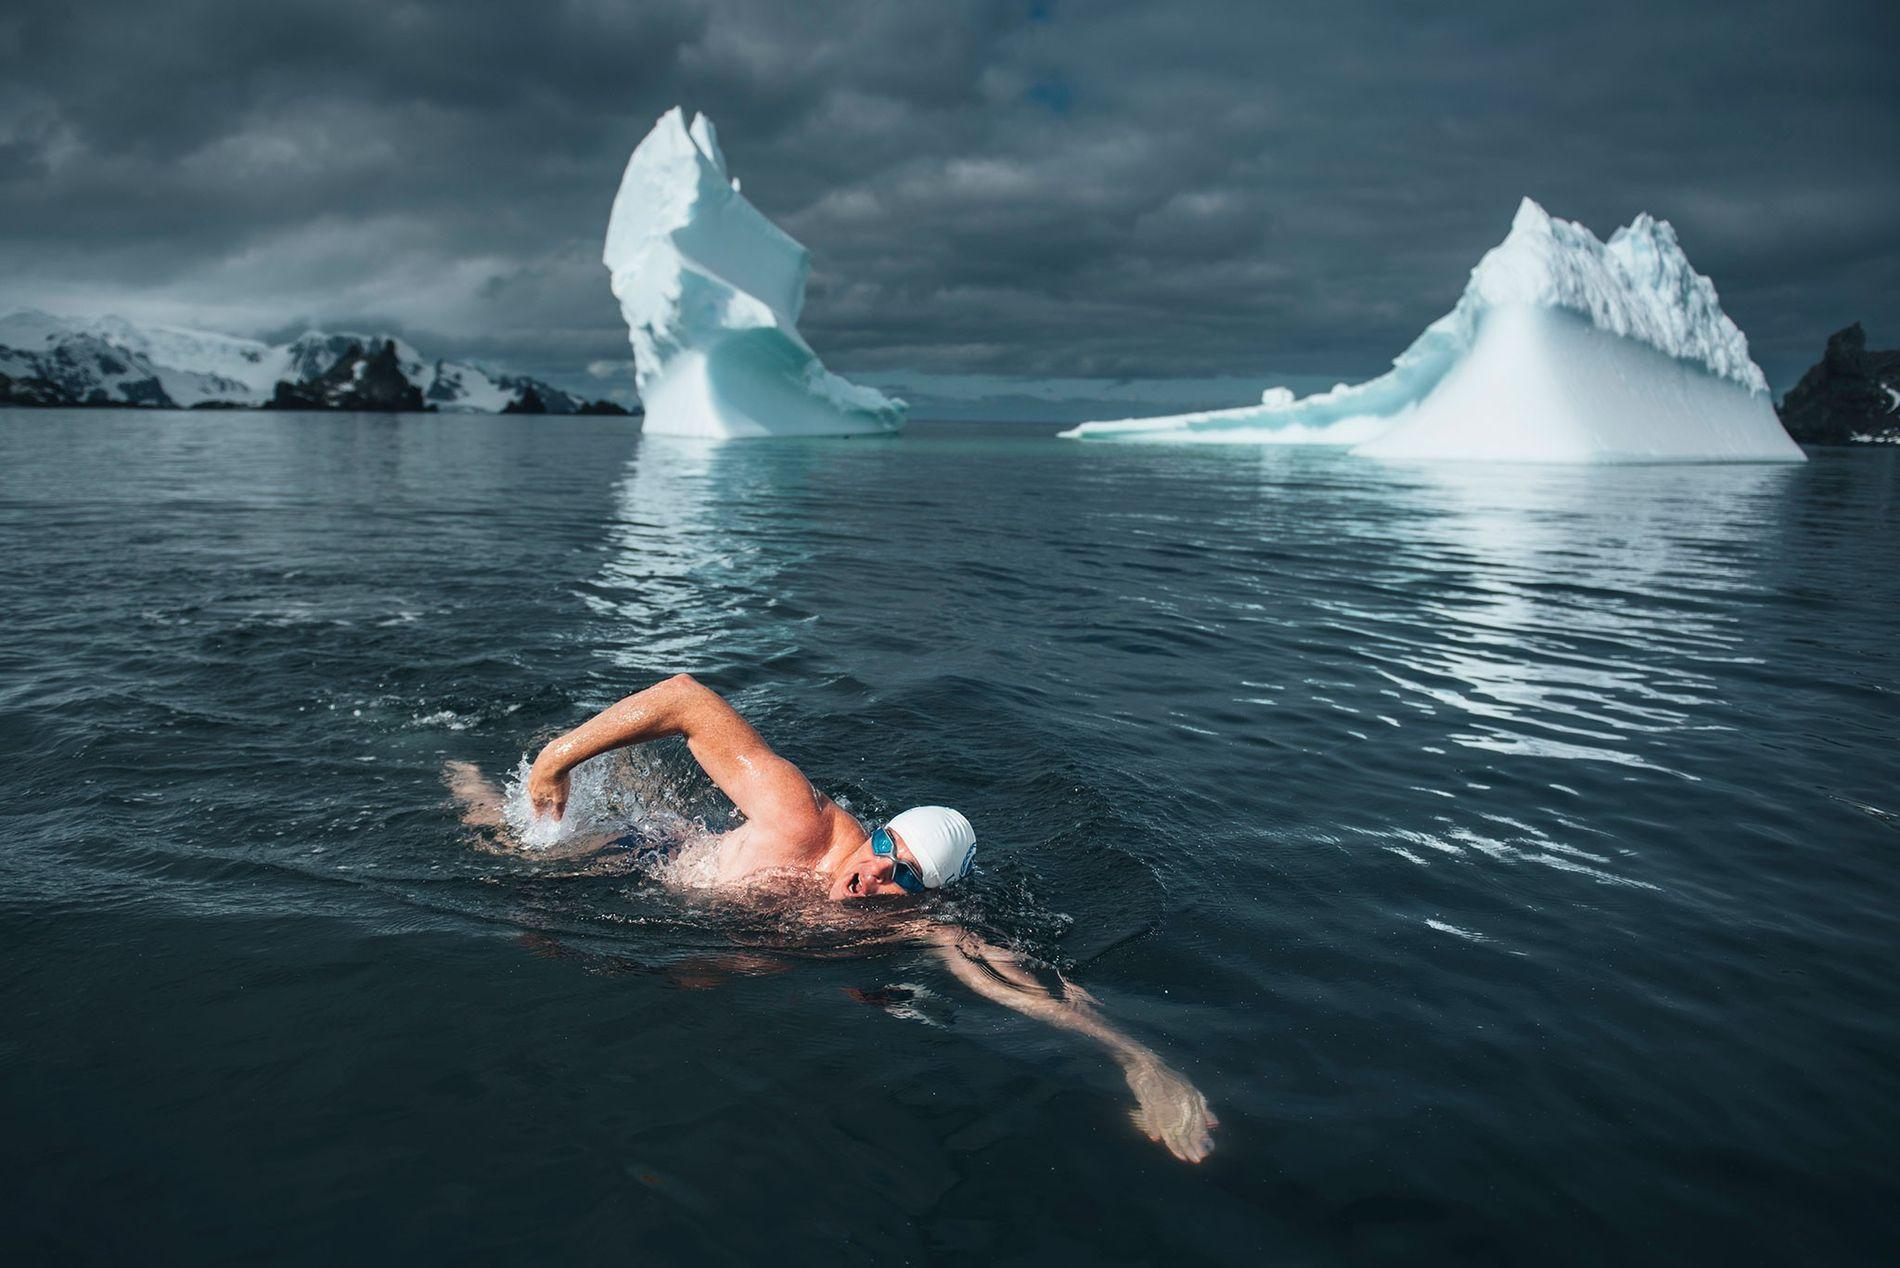 Lewis Pugh nageant à côté des icebergs dans l'eau glacée de l'Antarctique.